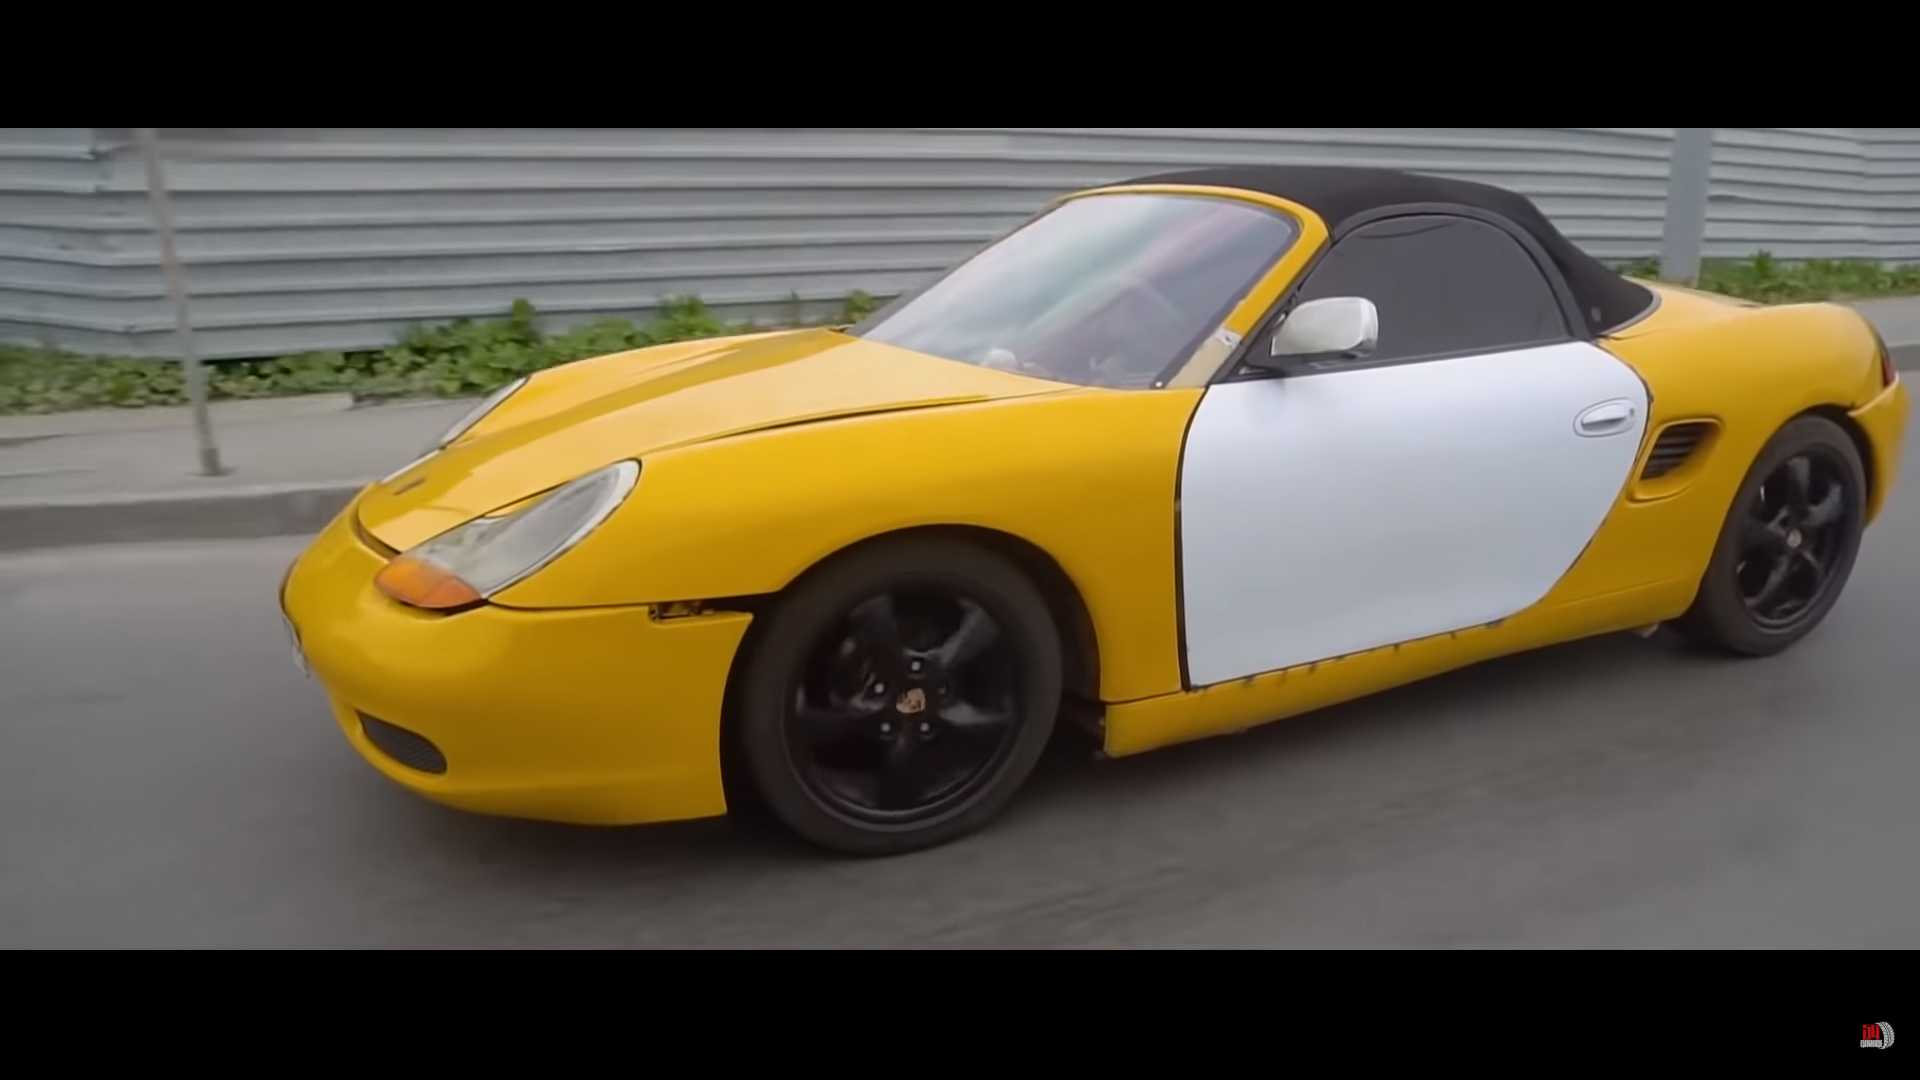 Žiadne Porsche, toto je prerobená Lada!